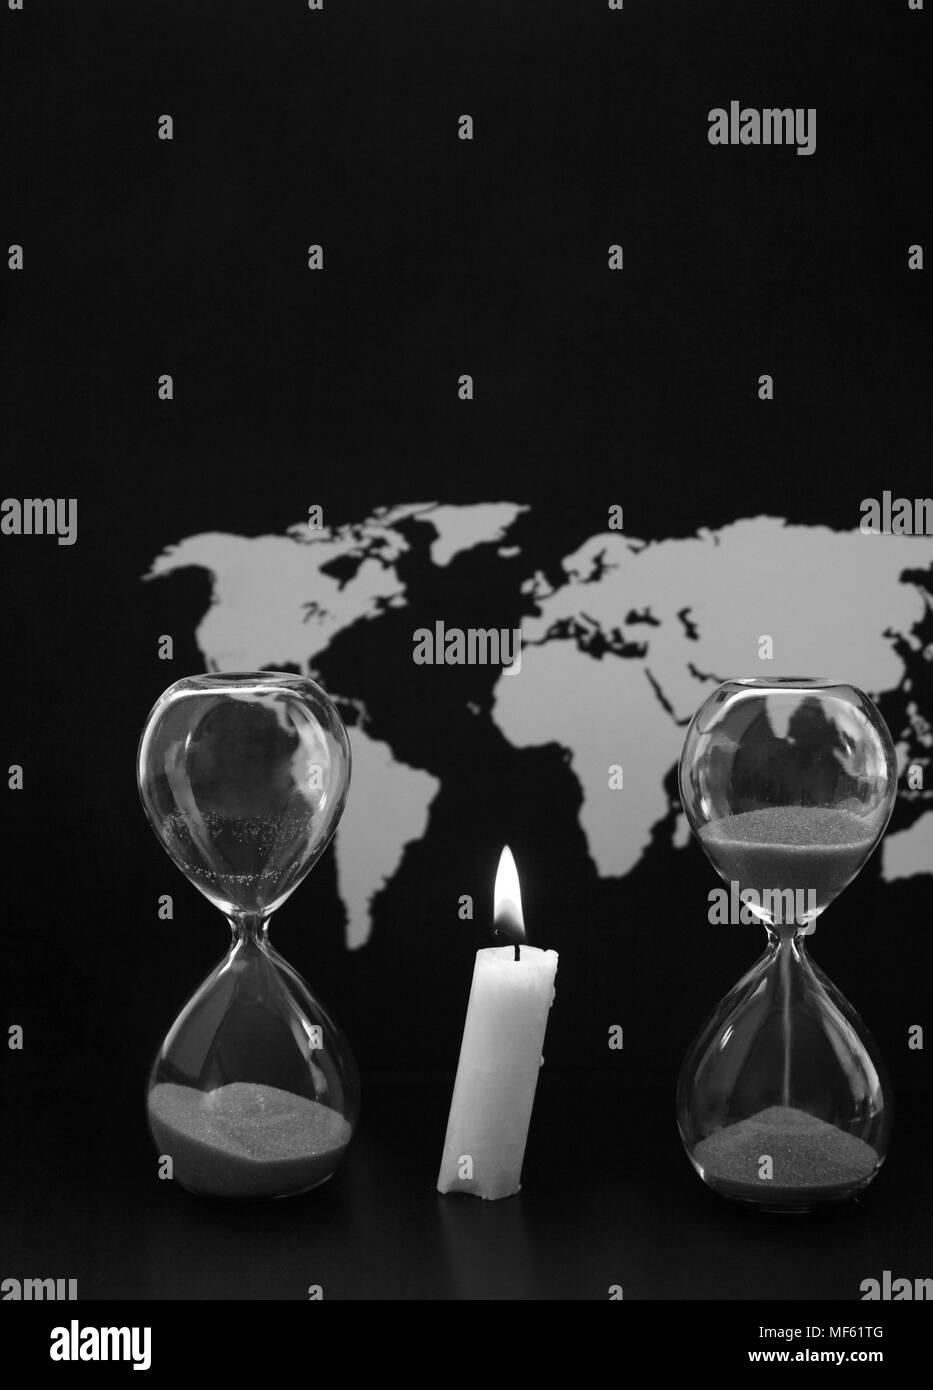 Monochrome image, world map, sandglasses and burning candle, black background - Stock Image